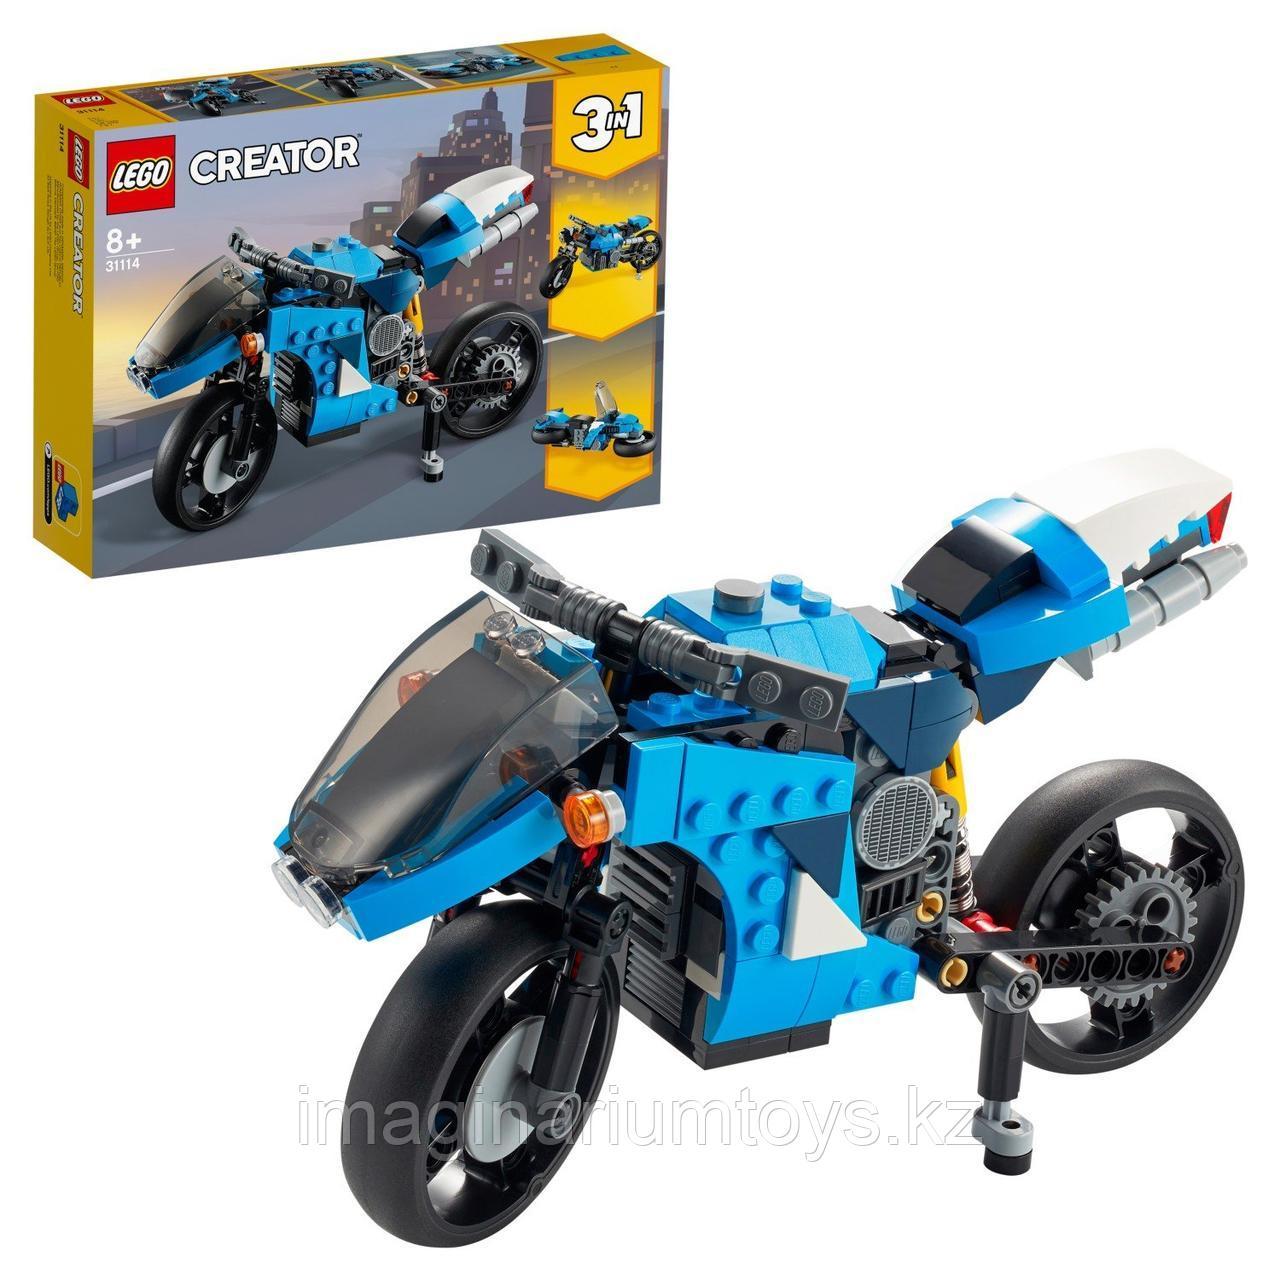 LEGO Creator Конструктор Супербайк